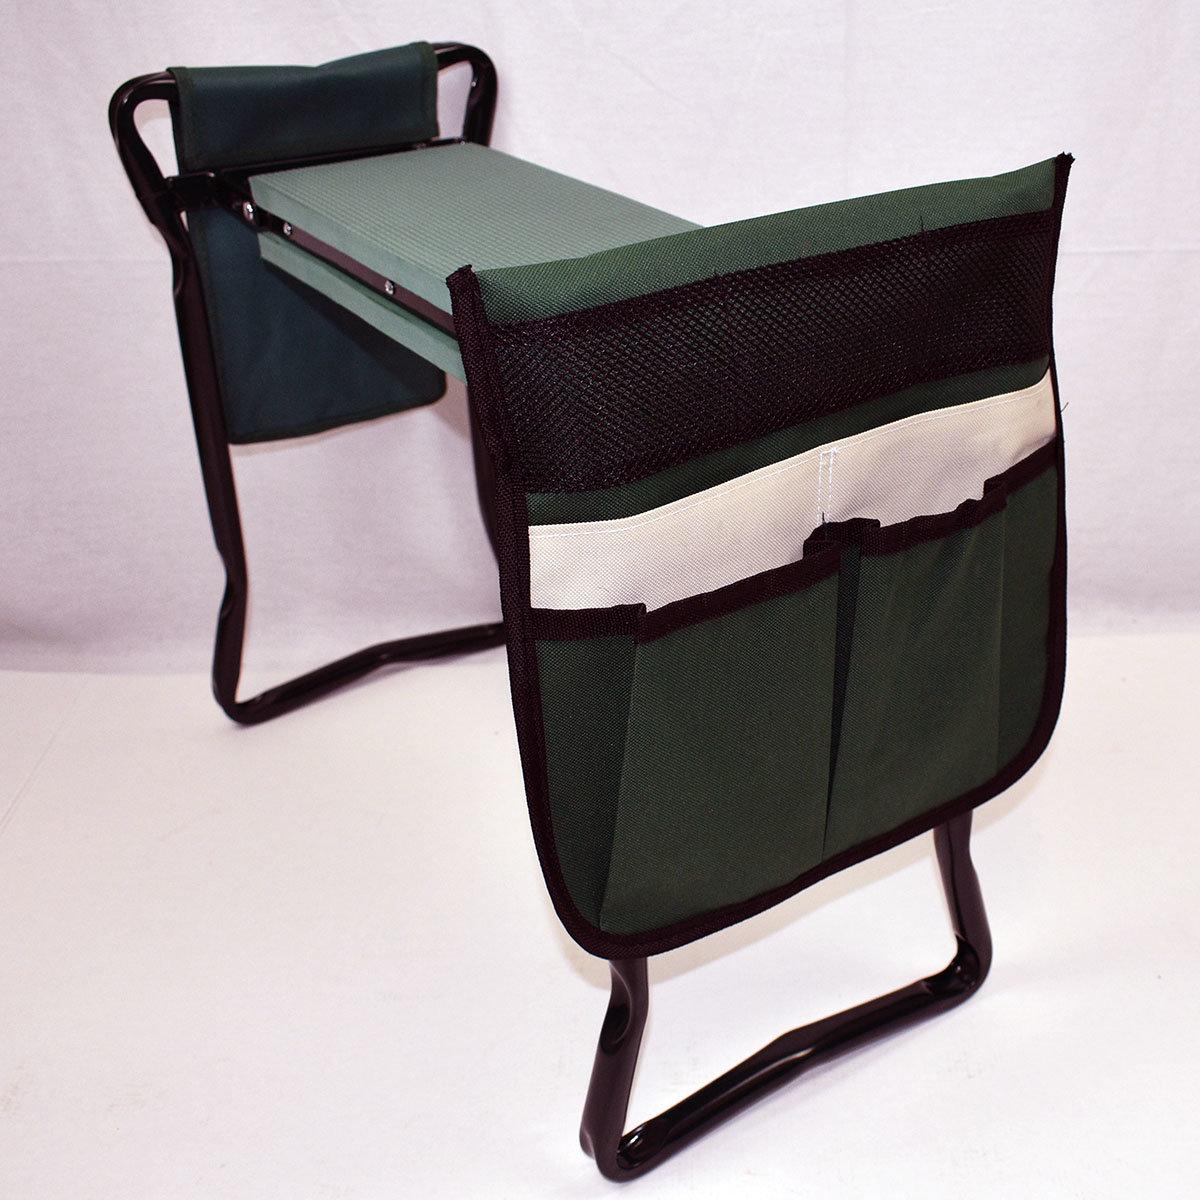 Ersatz-Werkzeugtasche für Knie- und Gartenbank | #2